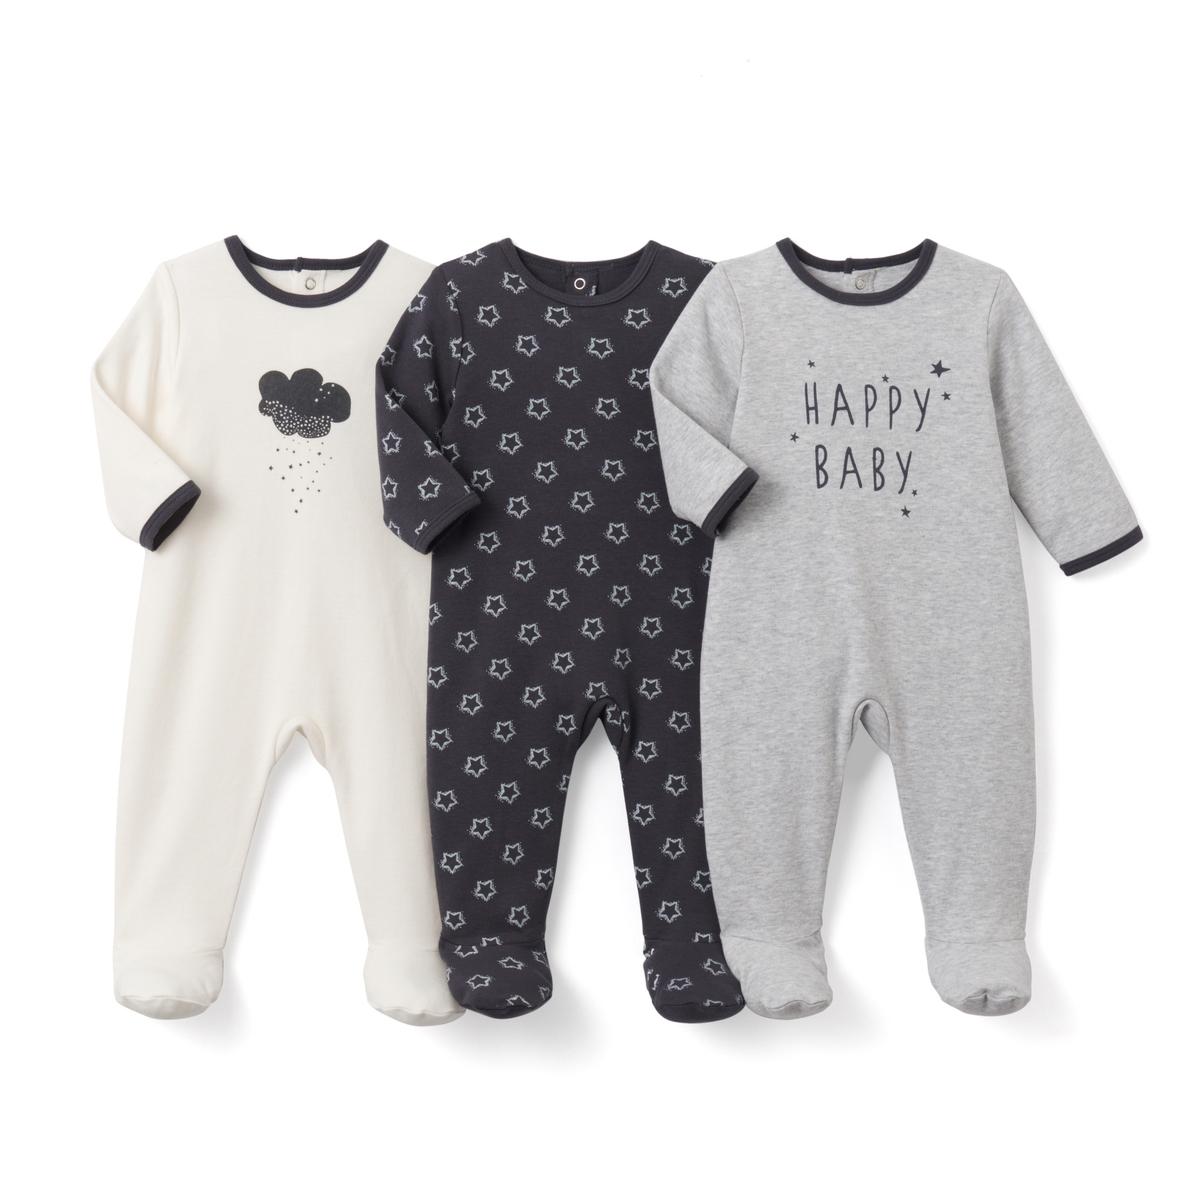 Пижама хлопковая с рисунком (3 шт.)- Oeko TexХлопковая пижама. В комплекте 3 пижамы: 1 с рисунком Happy baby спереди + 1 с рисунком звезды  + 1 с рисунком облако спереди. Круглый вырез.Клапан на кнопках и застежка на кнопки сзади. Нескользящая подошва с эластичными вставками сзади, начиная с размера 74 см. Label Товарный знак Oeko-Tex® . Знак Oeko-Tex® гарантирует, что товары прошли проверку и были изготовлены без применения вредных для здоровья человека веществ.  Состав и описание :    Материал       100% хлопок  Уход : Машинная стирка при 40°С с одеждой подобного цвета. Стирать, сушить и гладить с изнаночной стороны. Машинная сушка на умеренном режиме. Гладить на низкой температуре .  * Международный знак Oeko-tex гарантирует отсутствие вредных или раздражающих кожу веществ.<br><br>Цвет: серый + экрю<br>Размер: 0 мес. - 50 см.1 мес. - 54 см.6 мес. - 67 см.1 год - 74 см